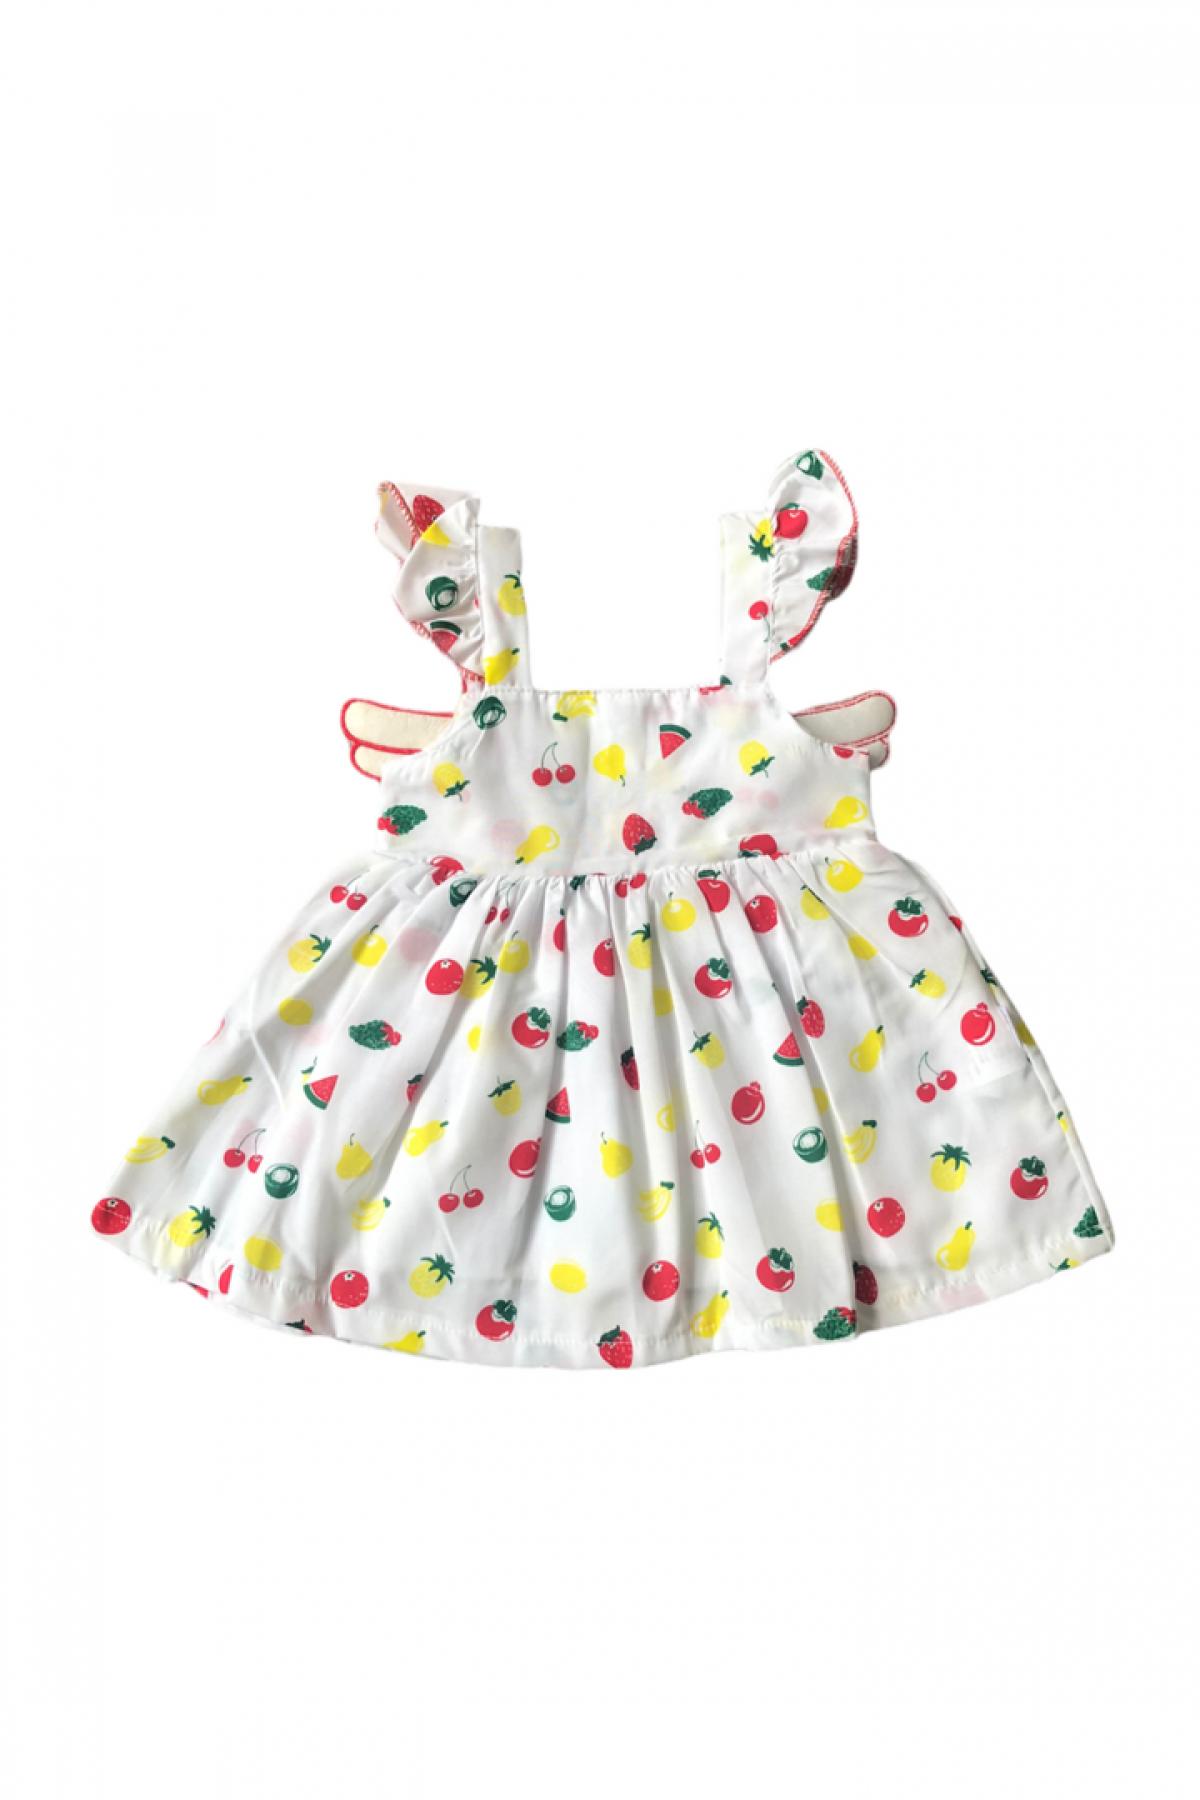 Melek Kanat Karışık Meyve Desenli Kız Çocuk Elbise